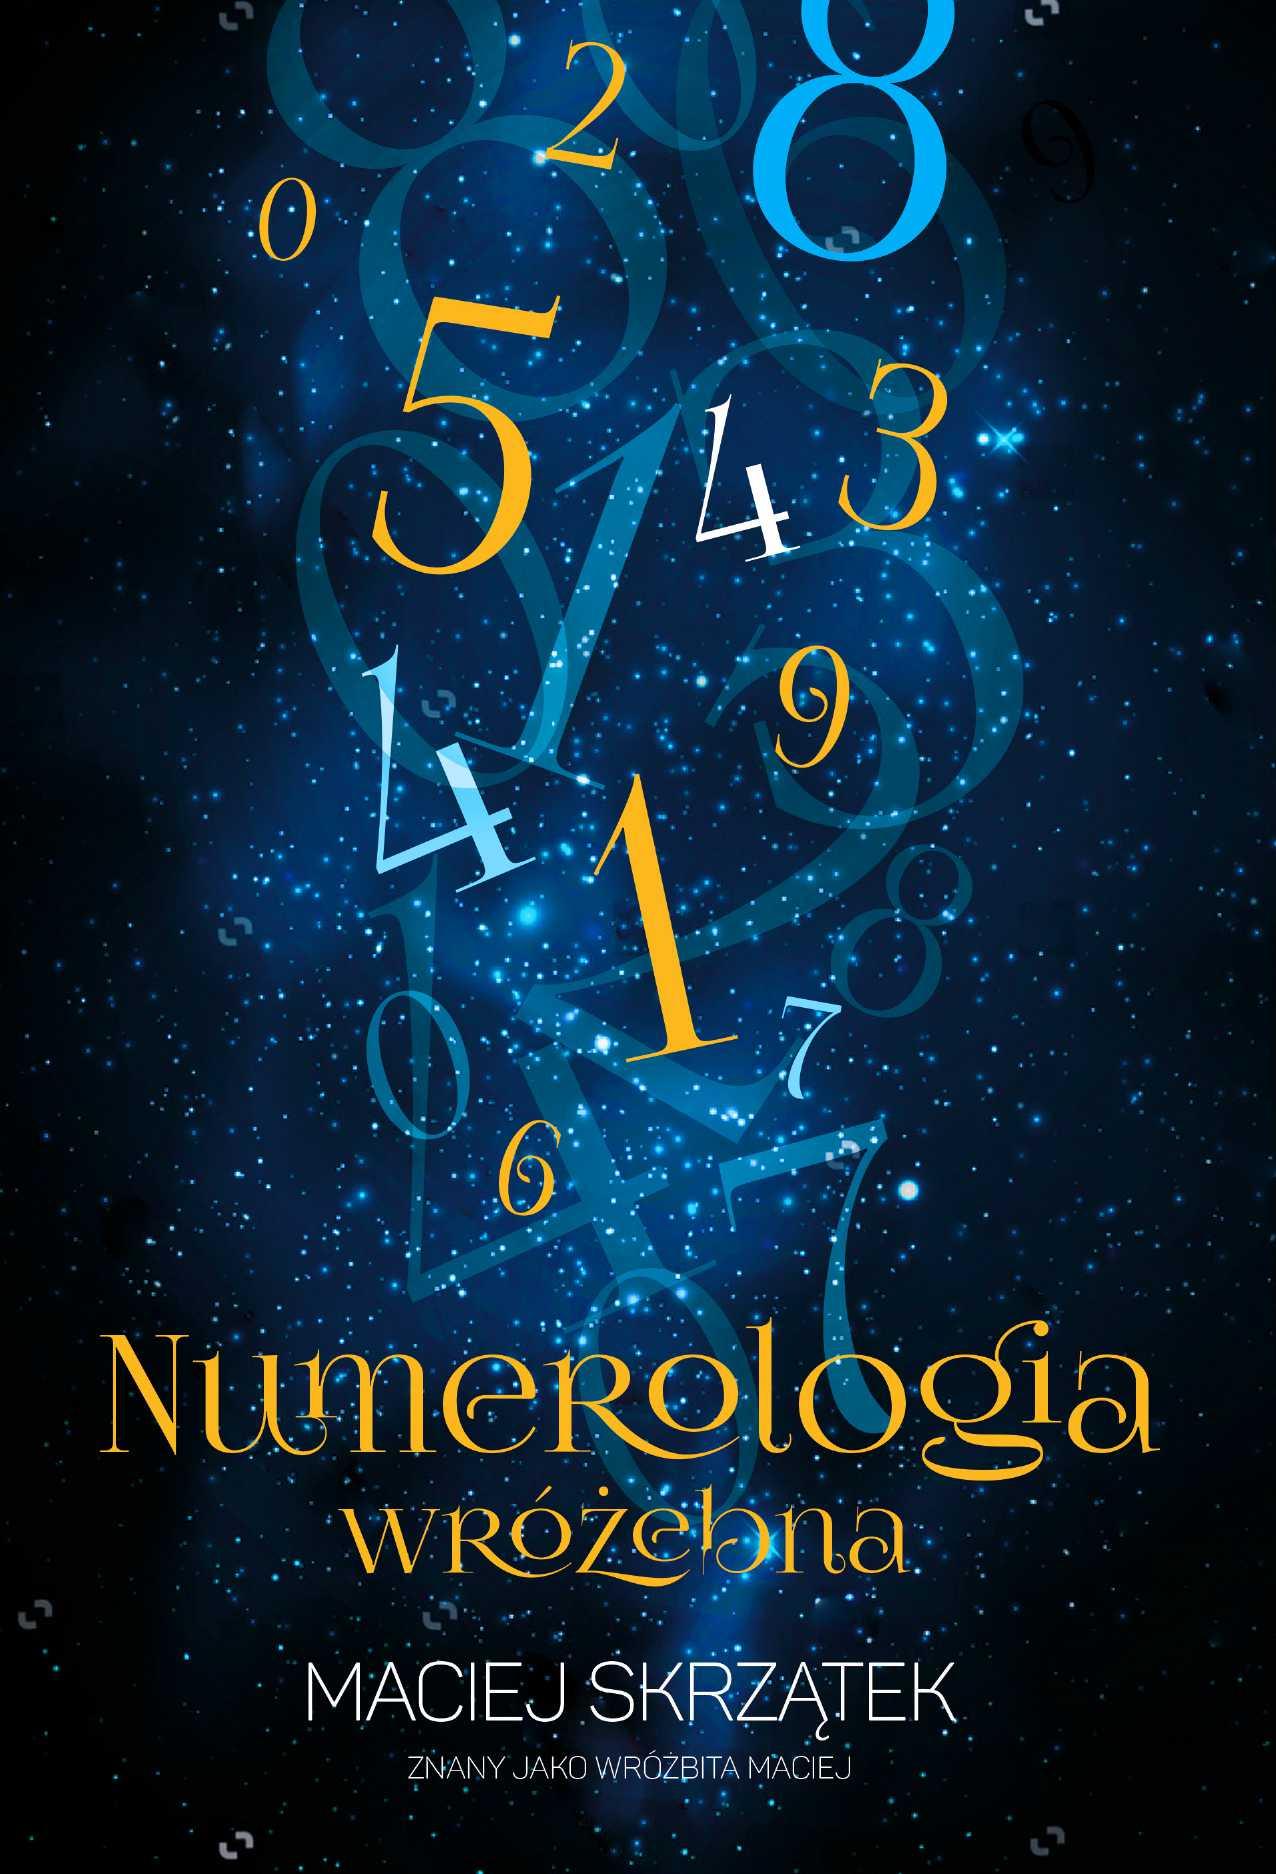 Numerologia wróżebna - Ebook (Książka EPUB) do pobrania w formacie EPUB